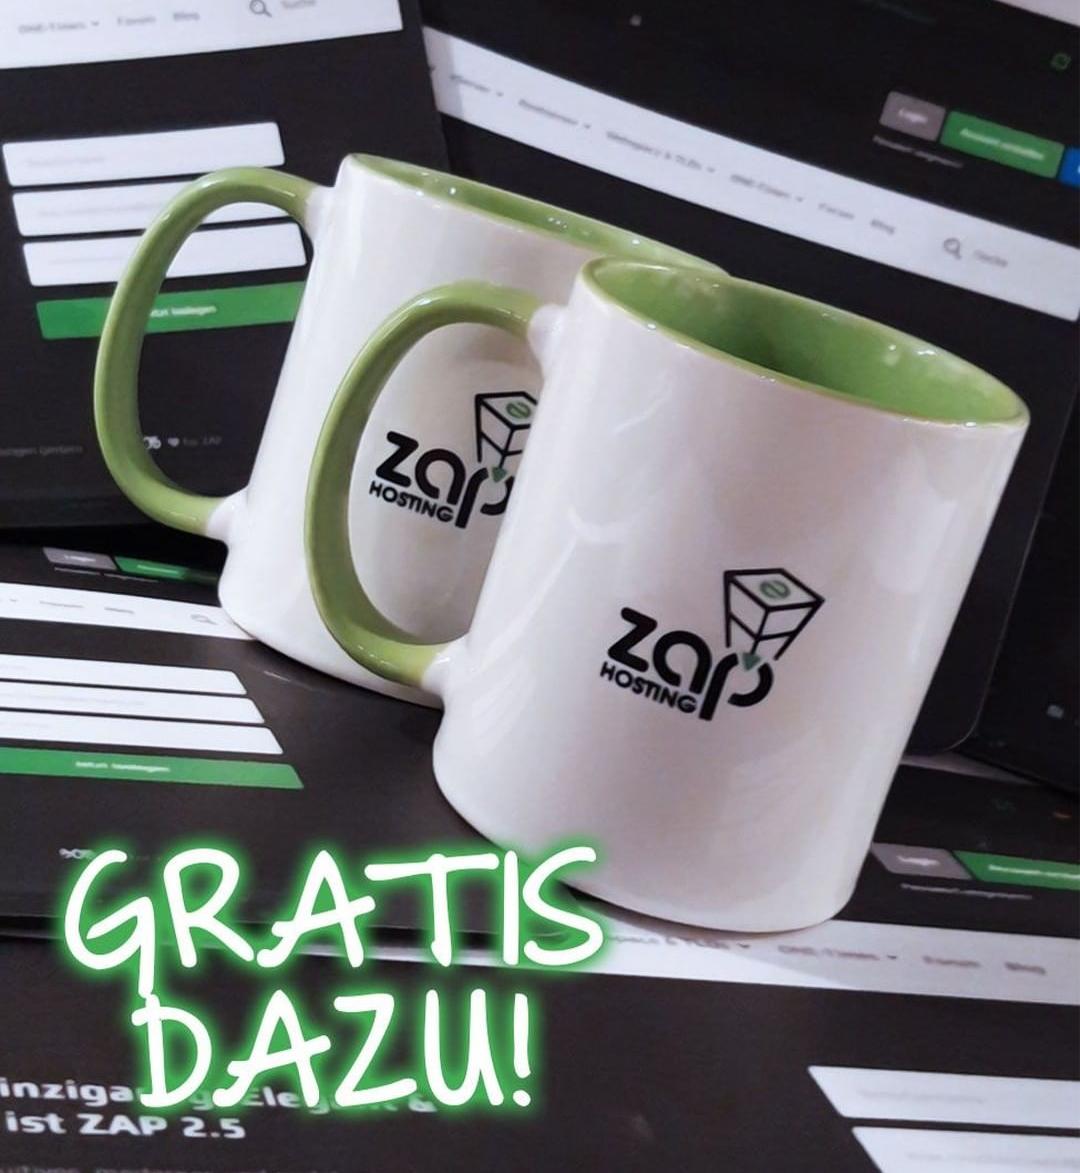 -50% bei Zap Hosting auf Alles!! + Mauspad und Tasse kostenlos